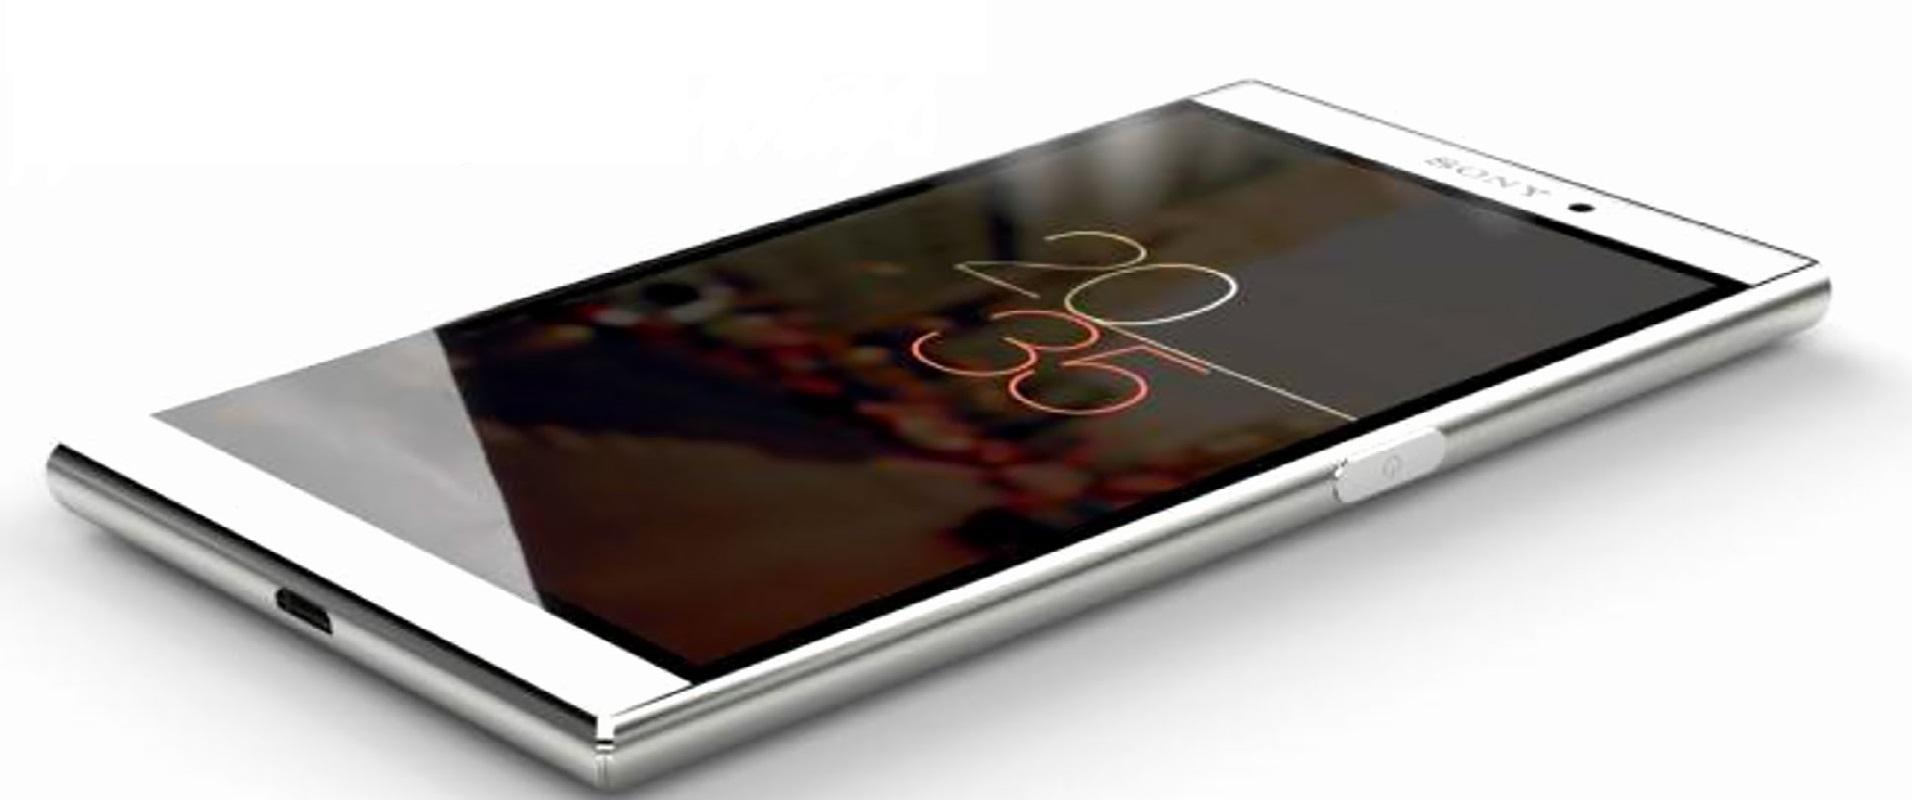 Sony Xperia Z6 Premium da Çıkmaza Girdi